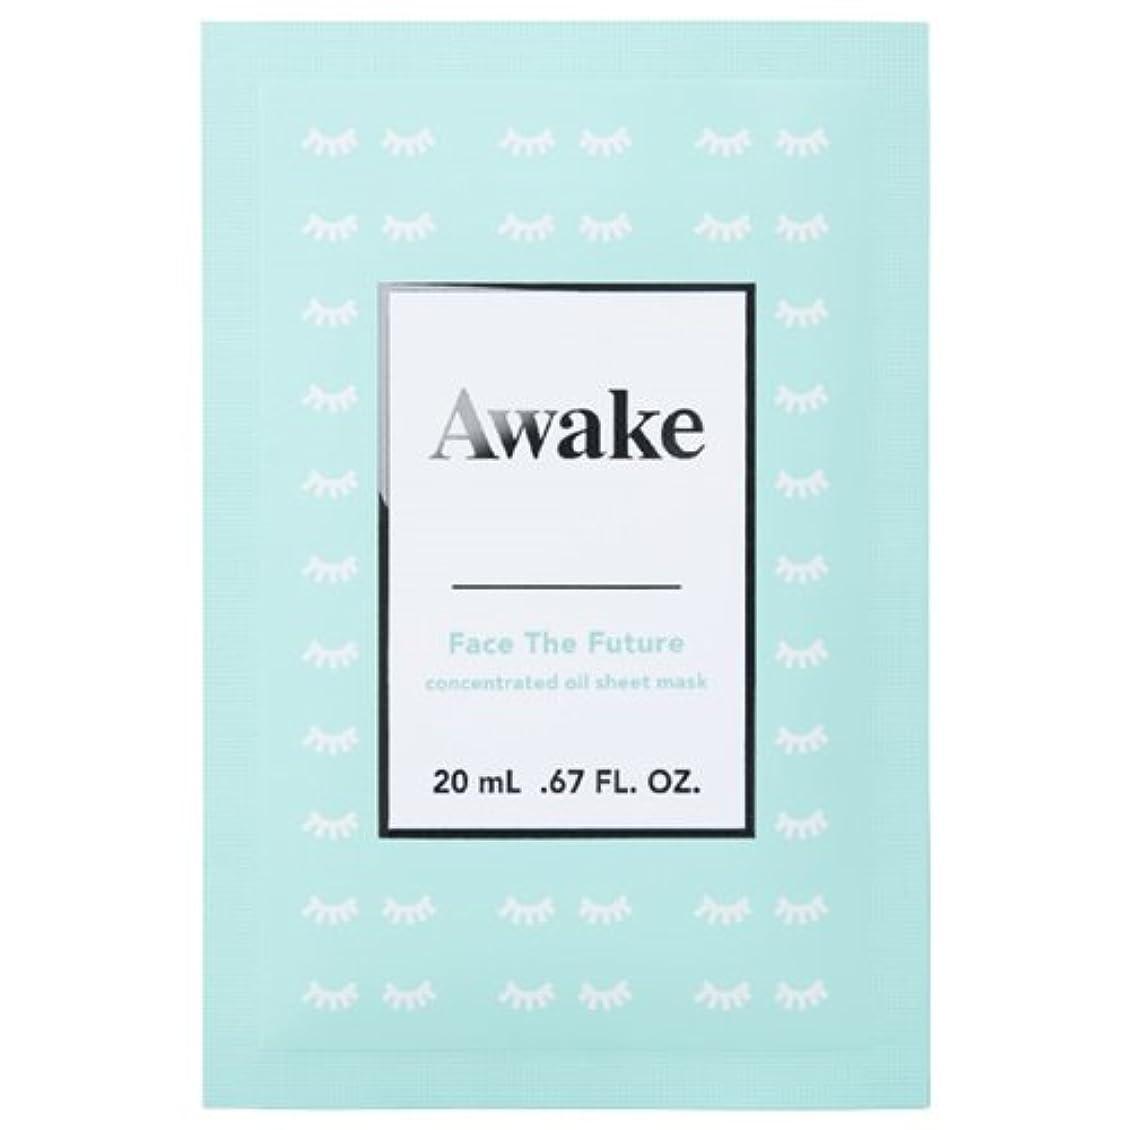 道専制圧倒的アウェイク(AWAKE) Awake(アウェイク) フェイスザフューチャー コンセントレイティッド オイルシートマスク (20mL × 6枚入)